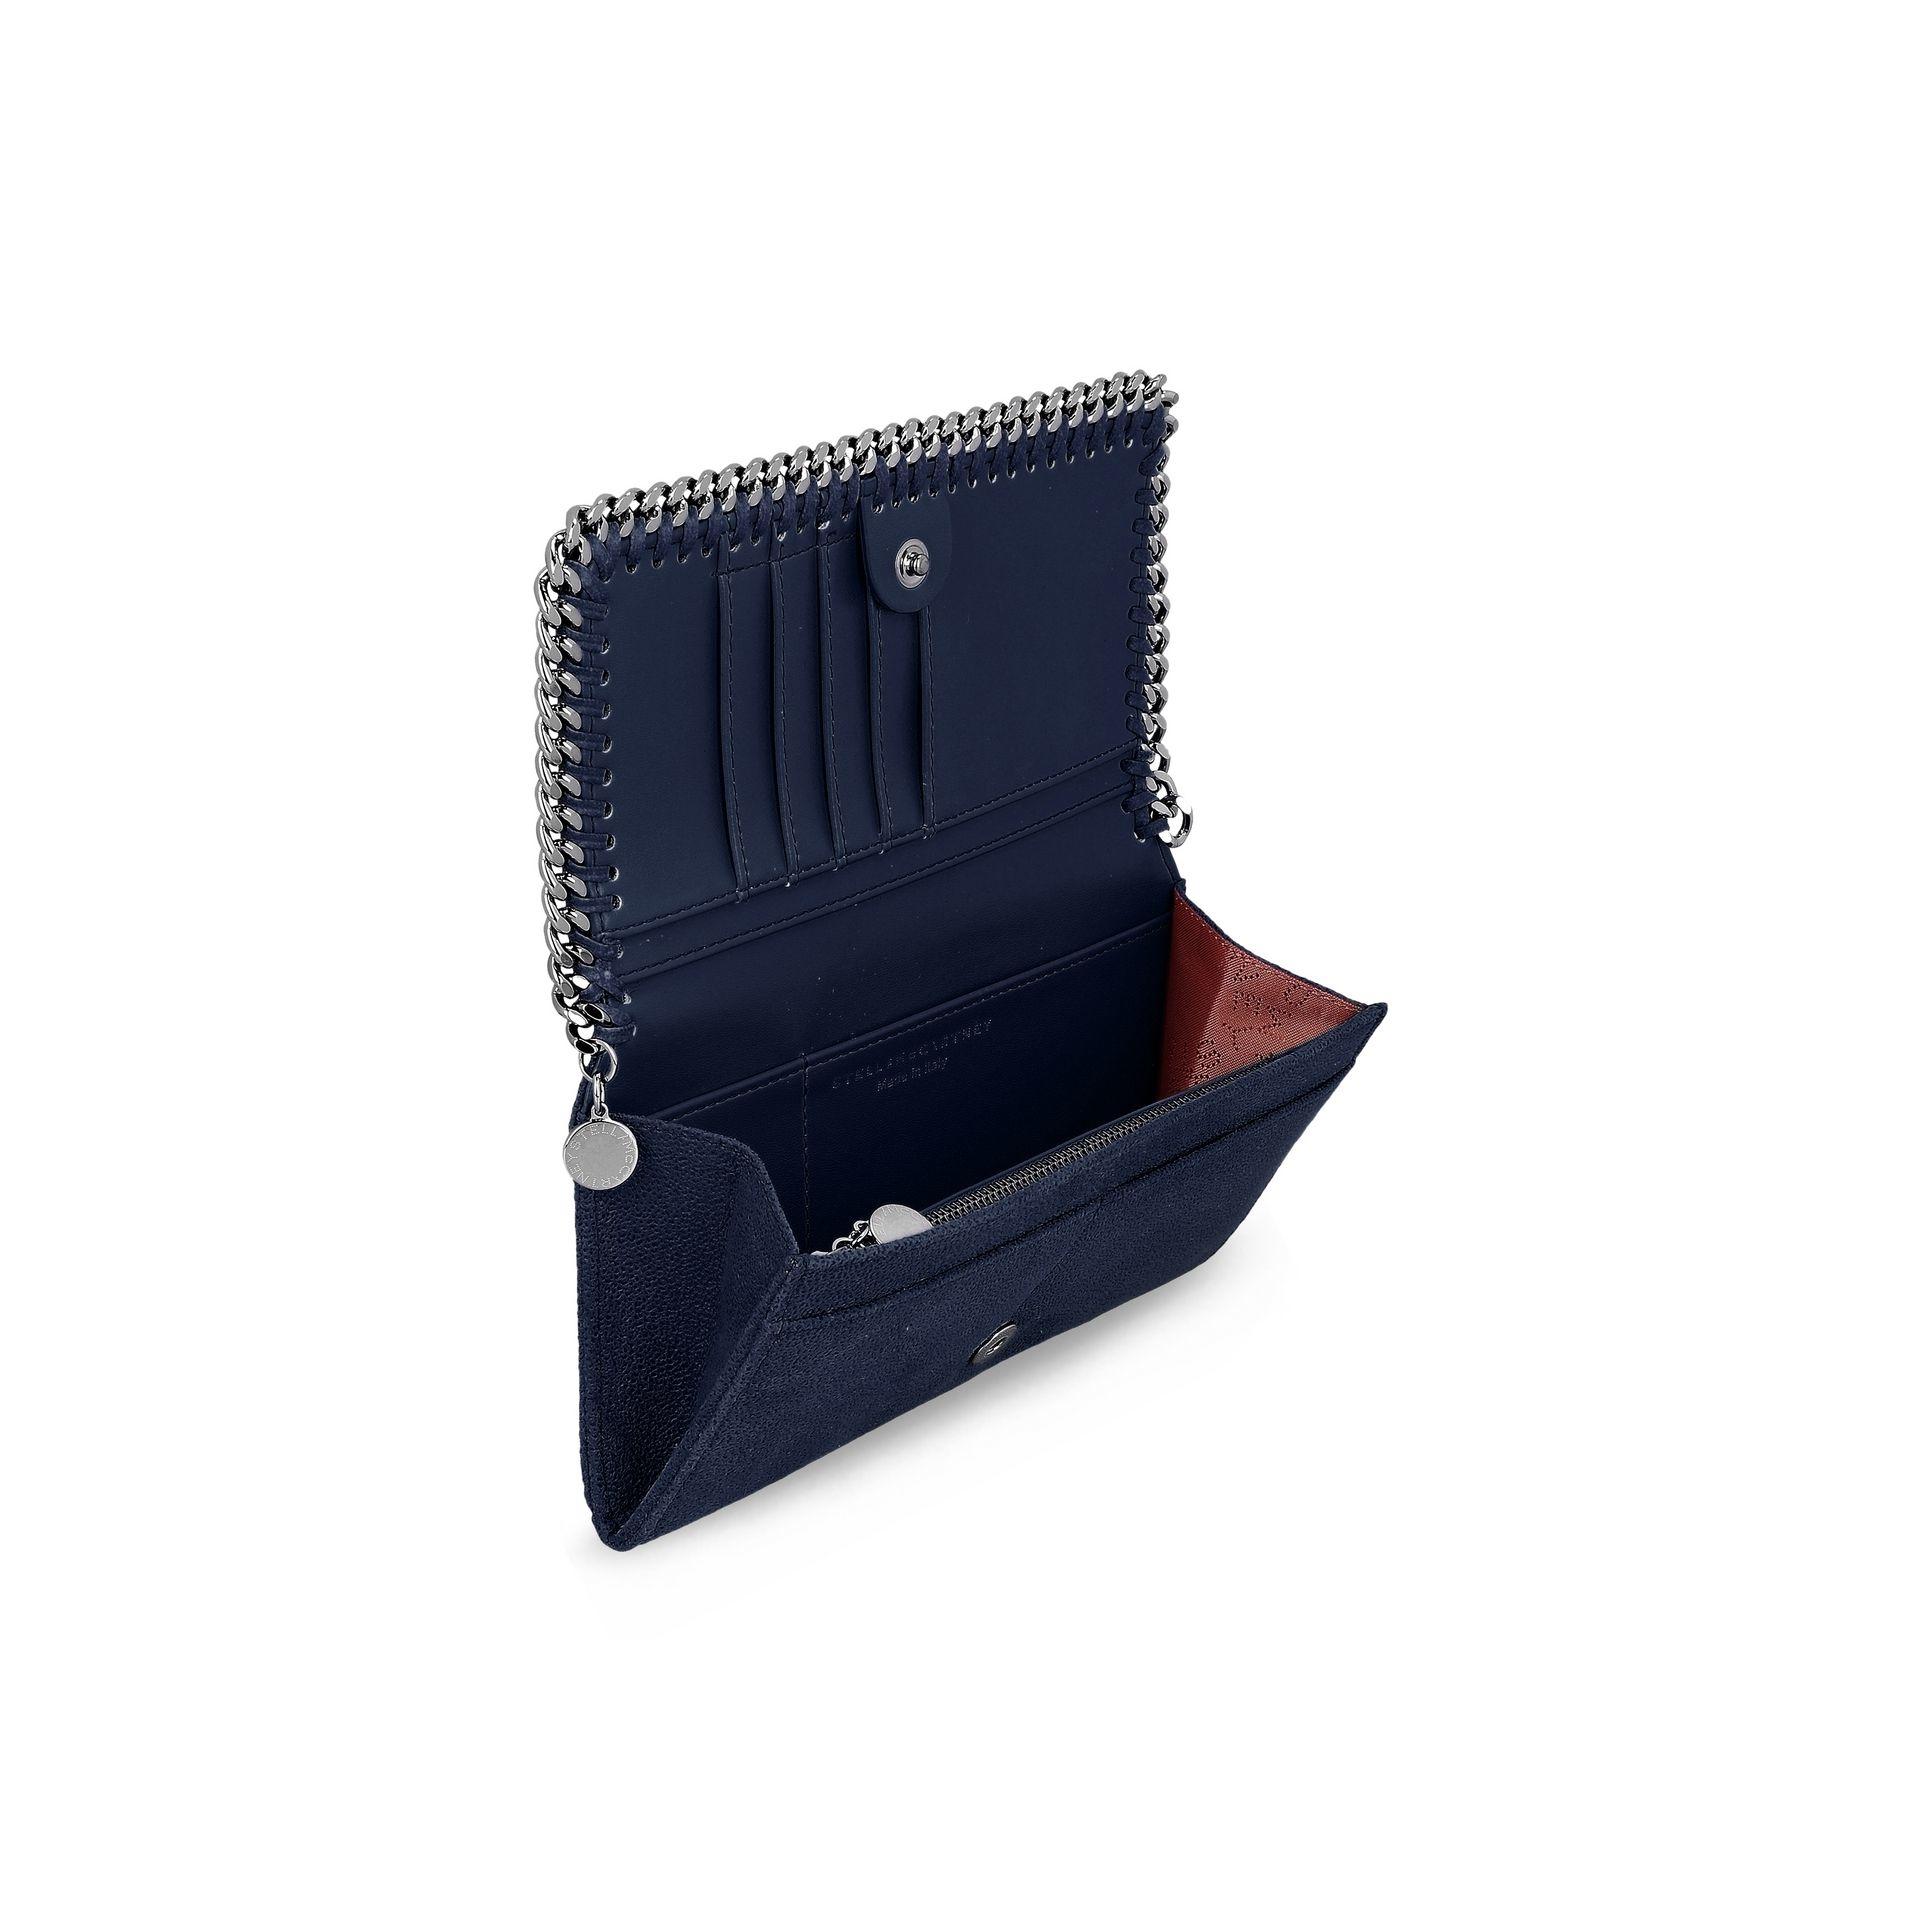 58861fc1ac Lyst - Stella McCartney Navy Falabella Shaggy Deer Flap Wallet in Blue